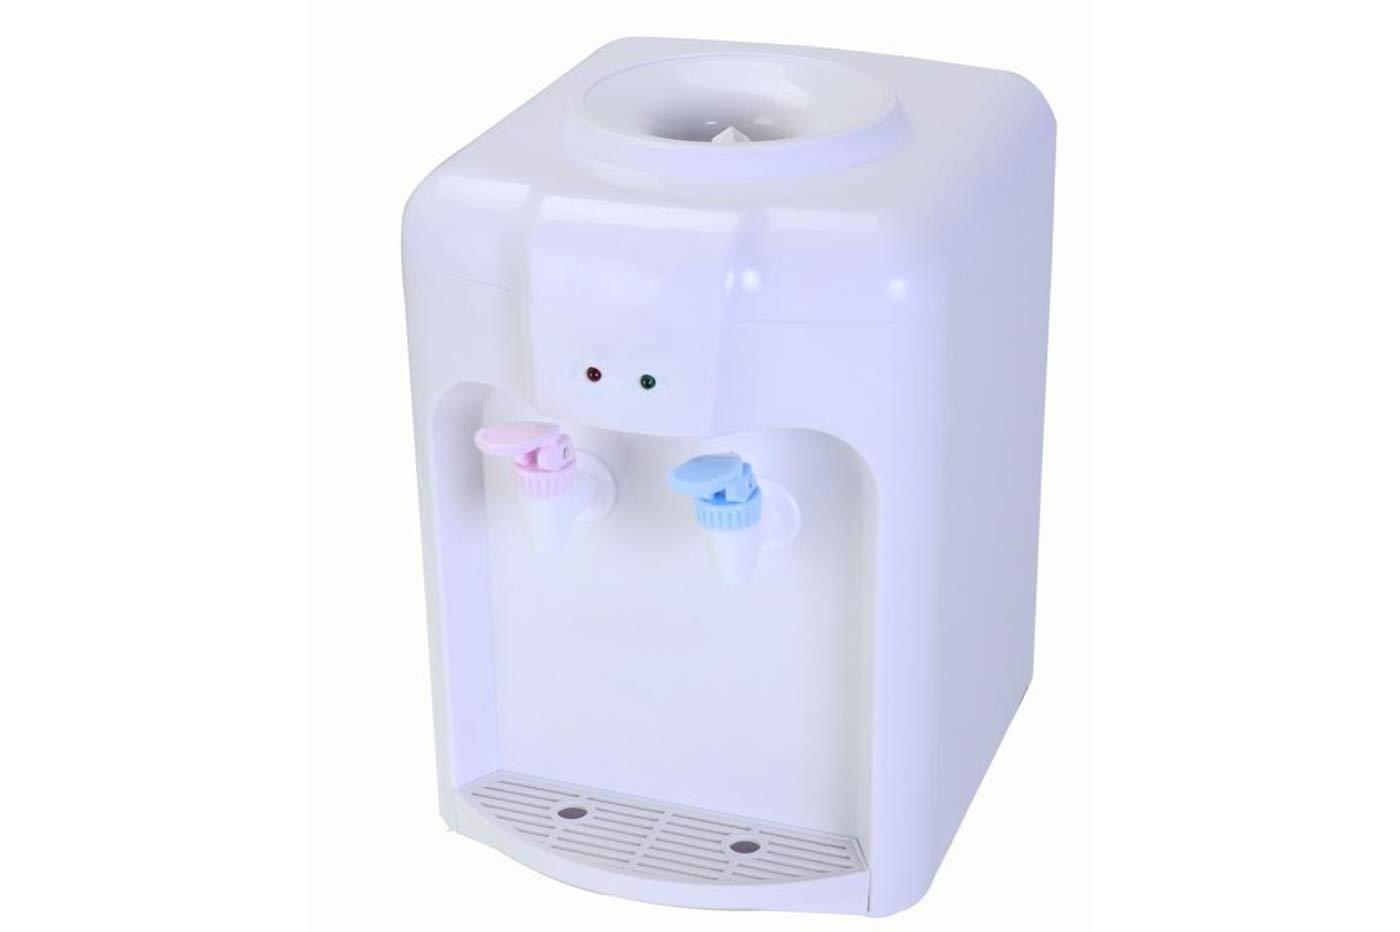 takestop® dispensador dispensador Eléctrico Doble dosificador Agua Caliente fría con Depósito boccione 2 litros de plástico 33.8 x 22 x 28.5 cm: Amazon.es: ...